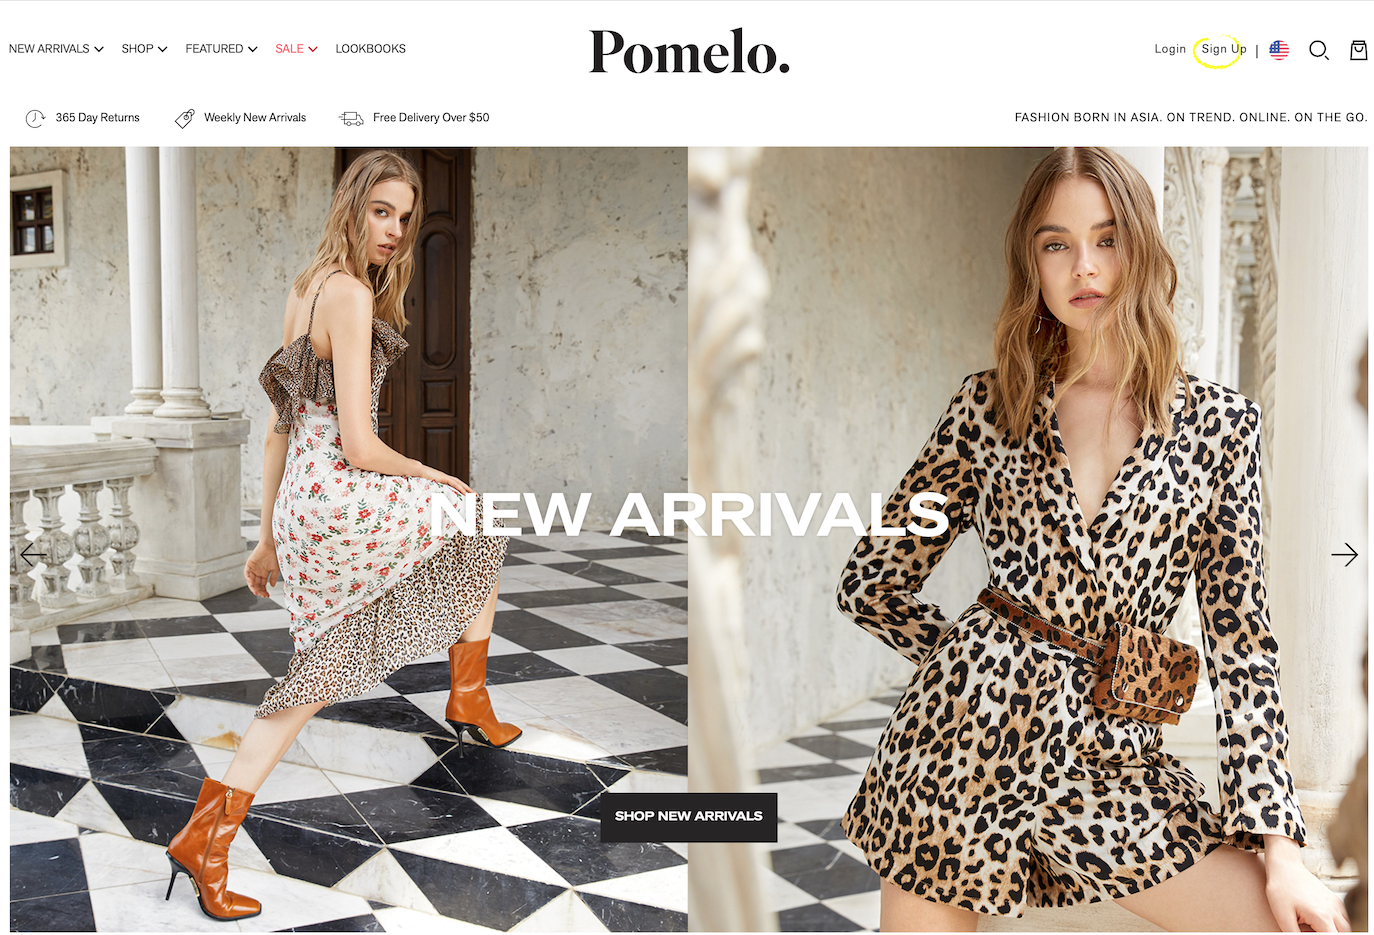 京东支持的泰国时尚电商 Pomelo 完成5200万美元C轮融资